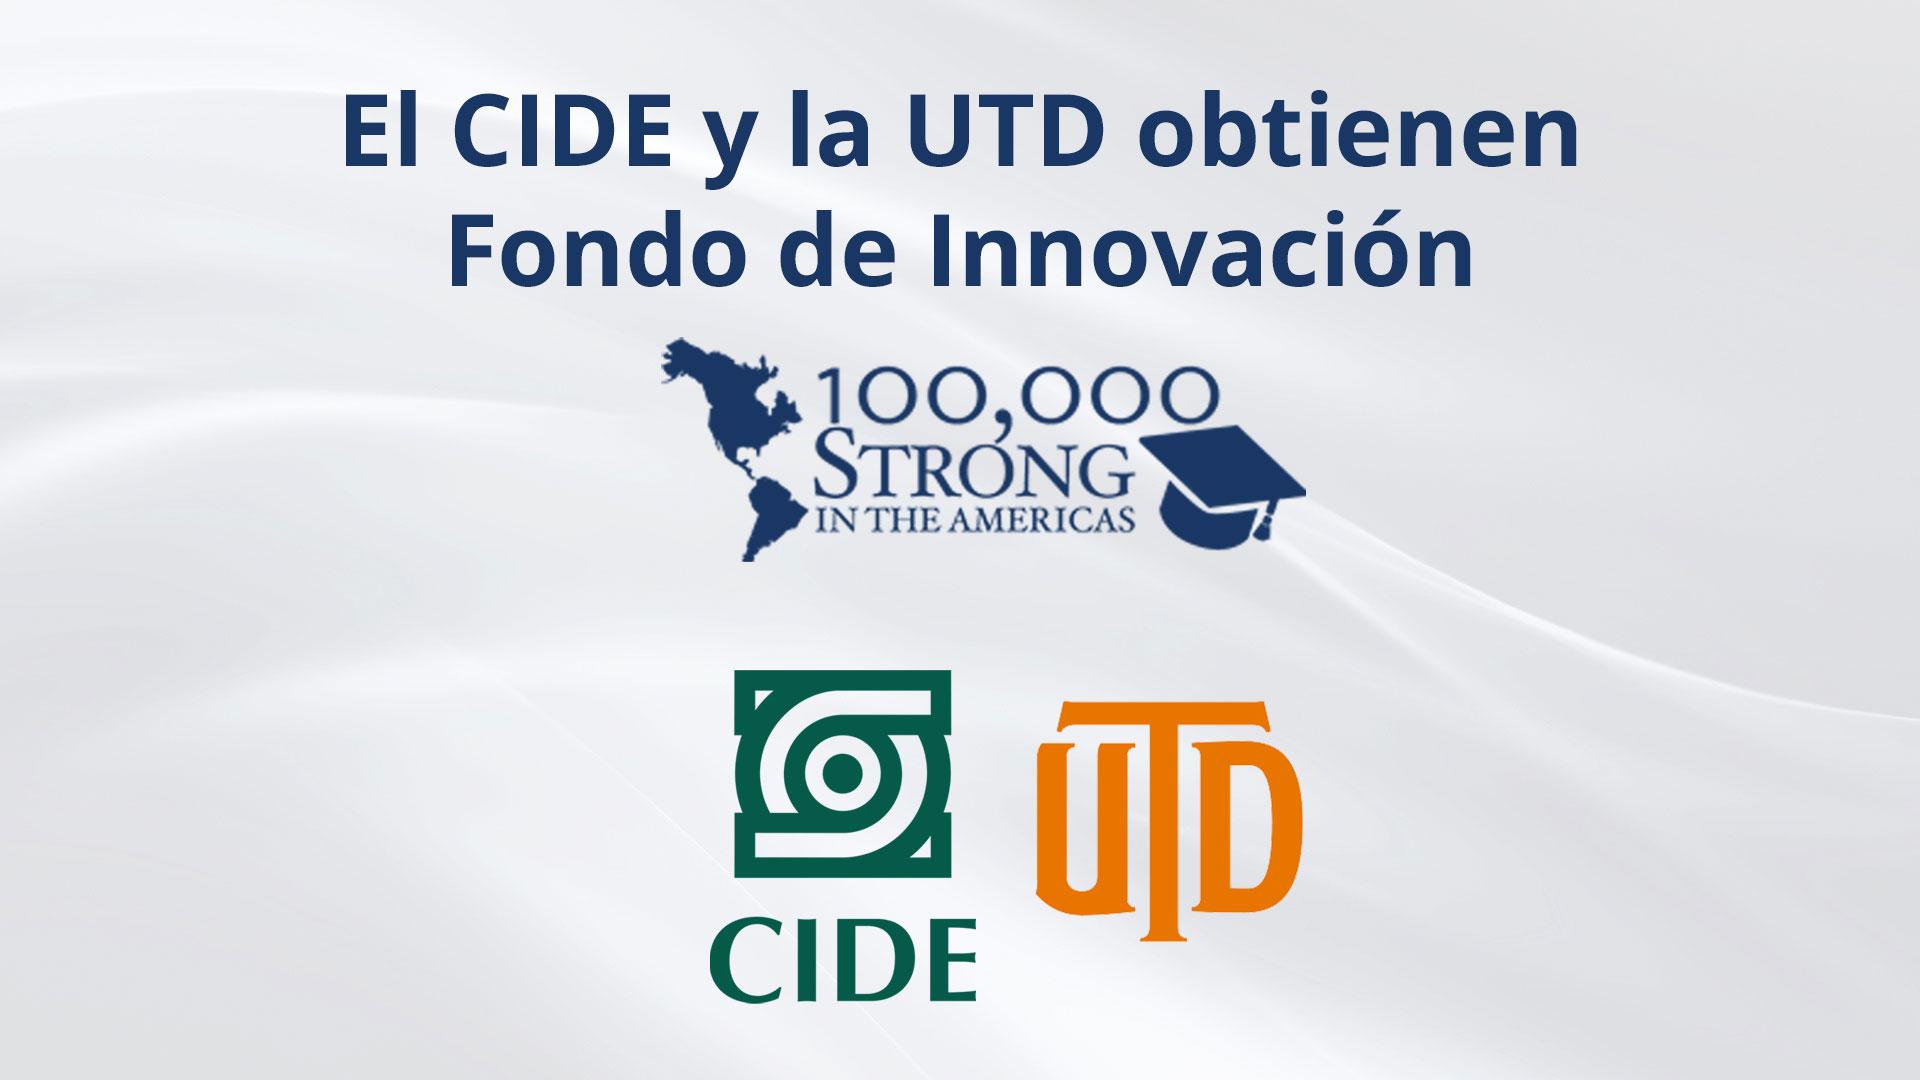 El CIDE y la Universidad de Texas en Dallas ganan <em>Fondo de Innovación 100.000 Strong Americas</em>